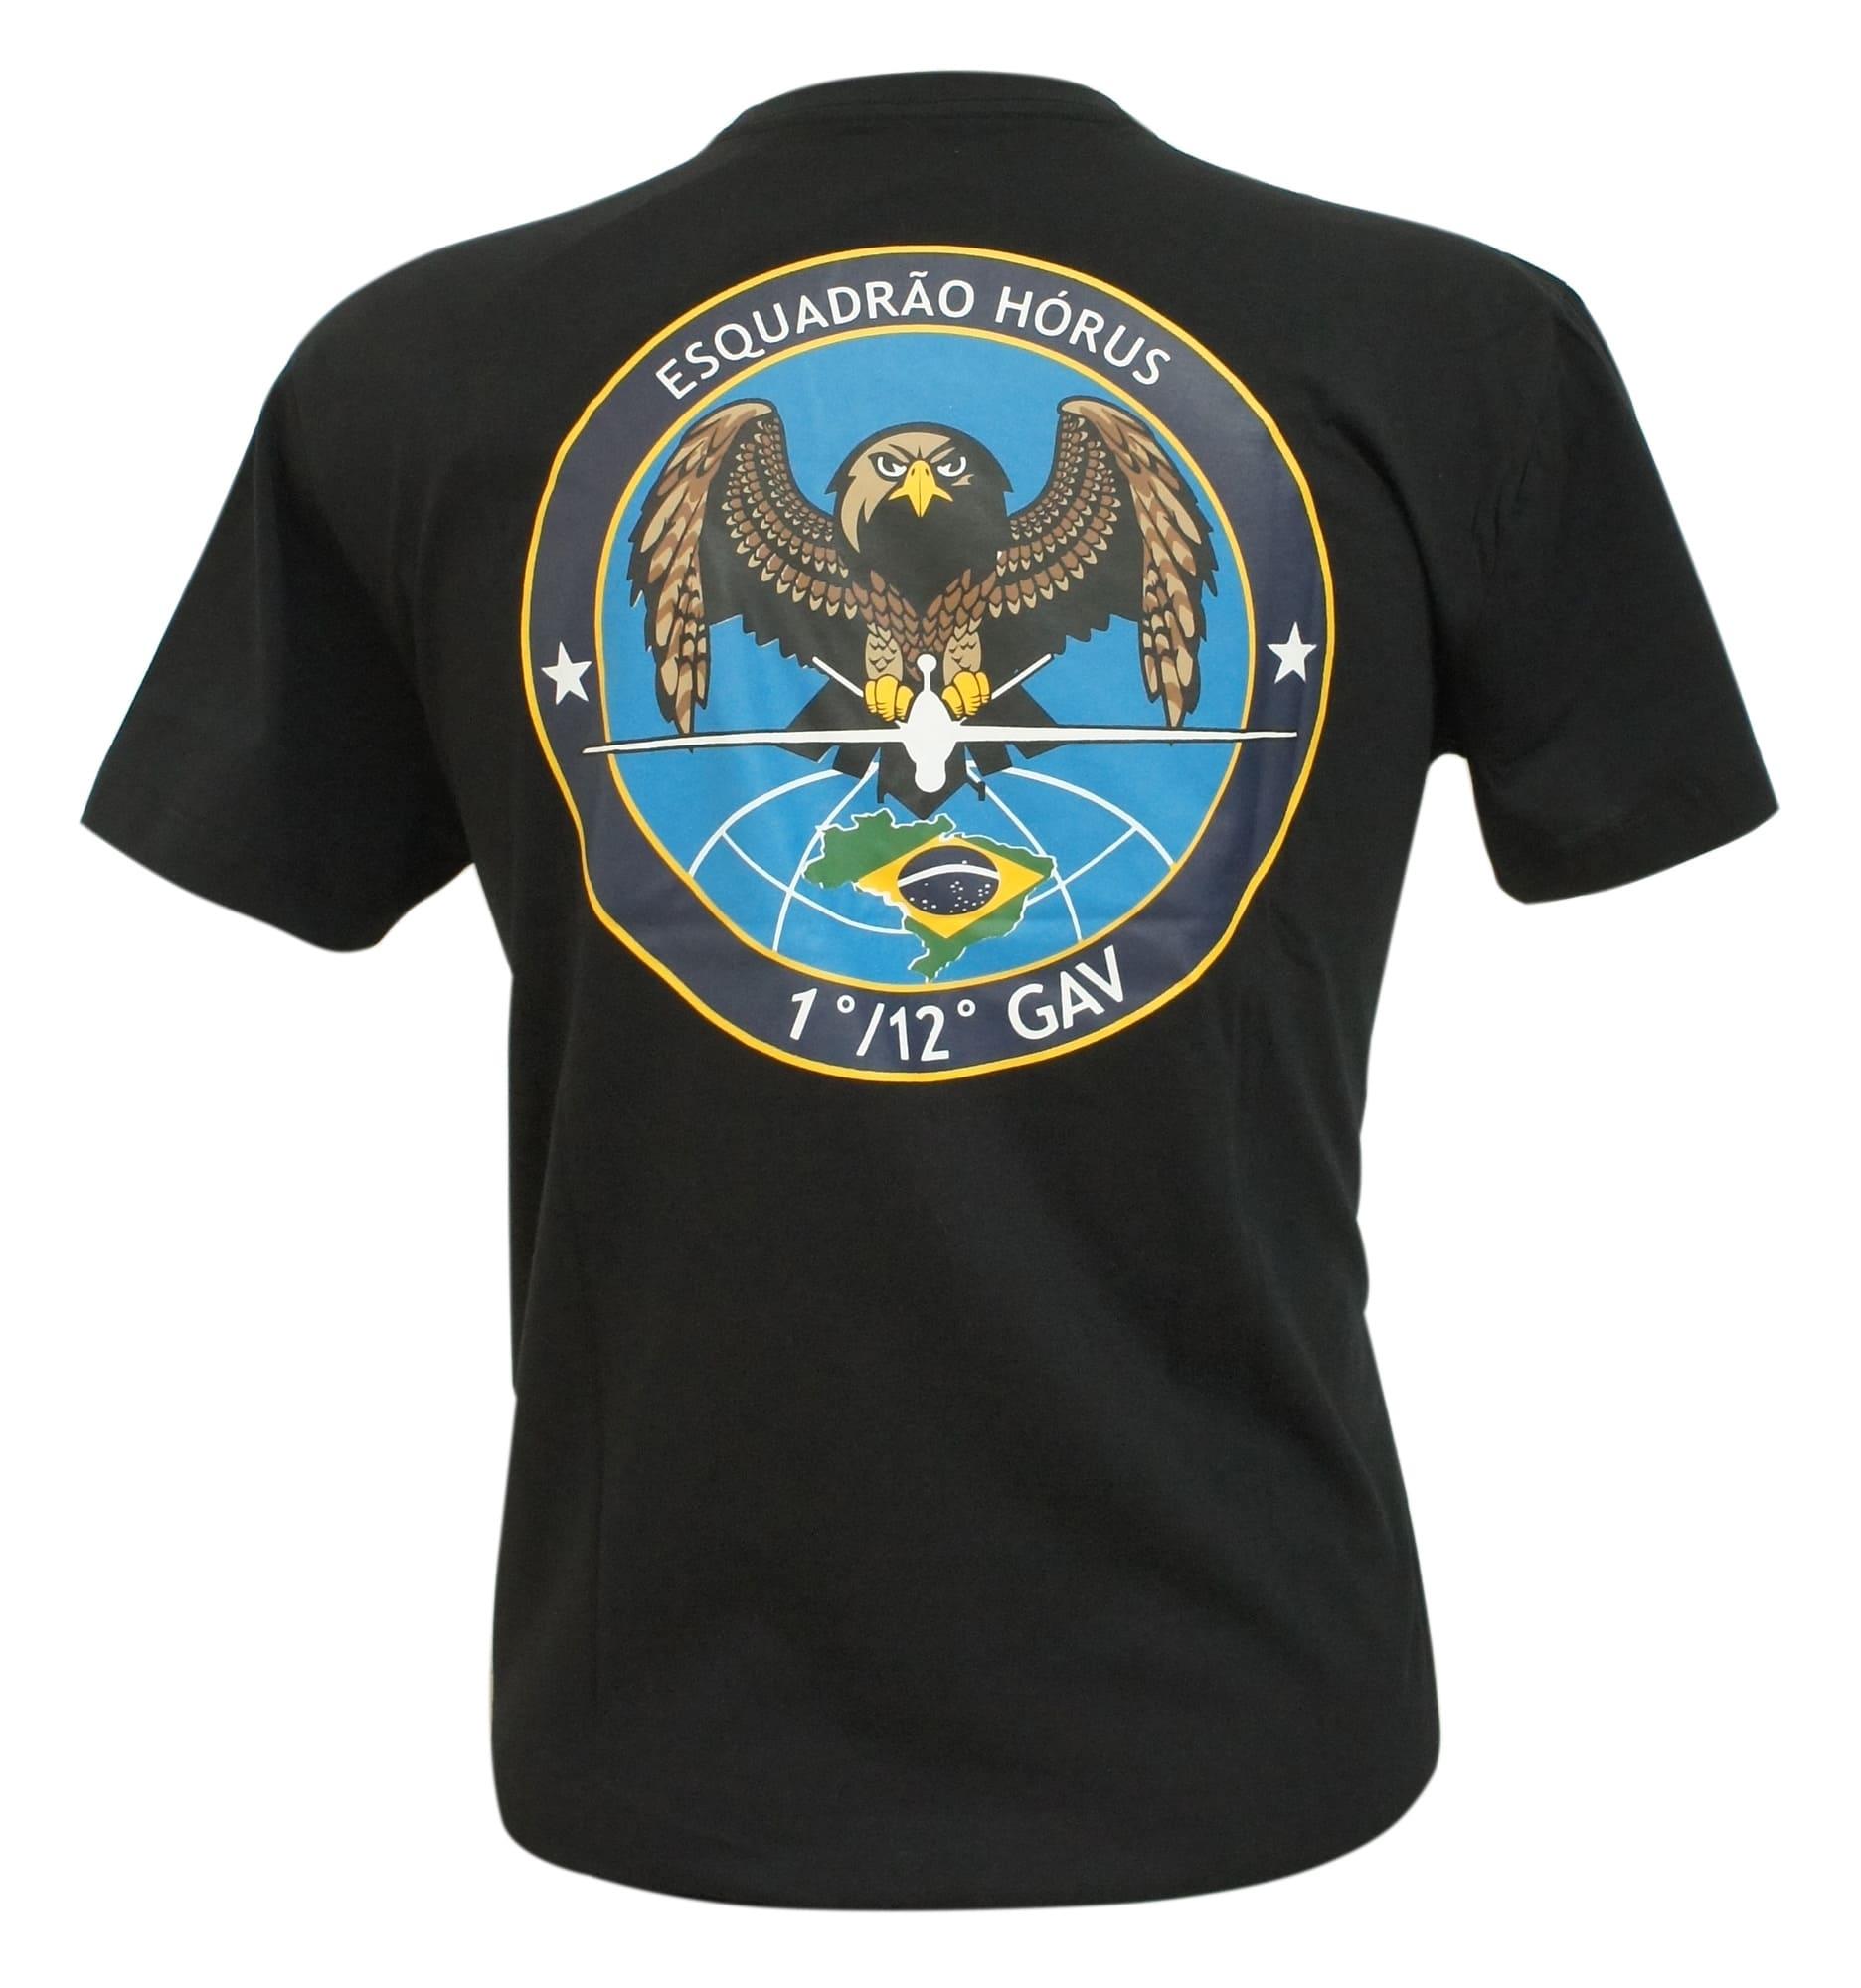 Camiseta Esquadrão Hórus